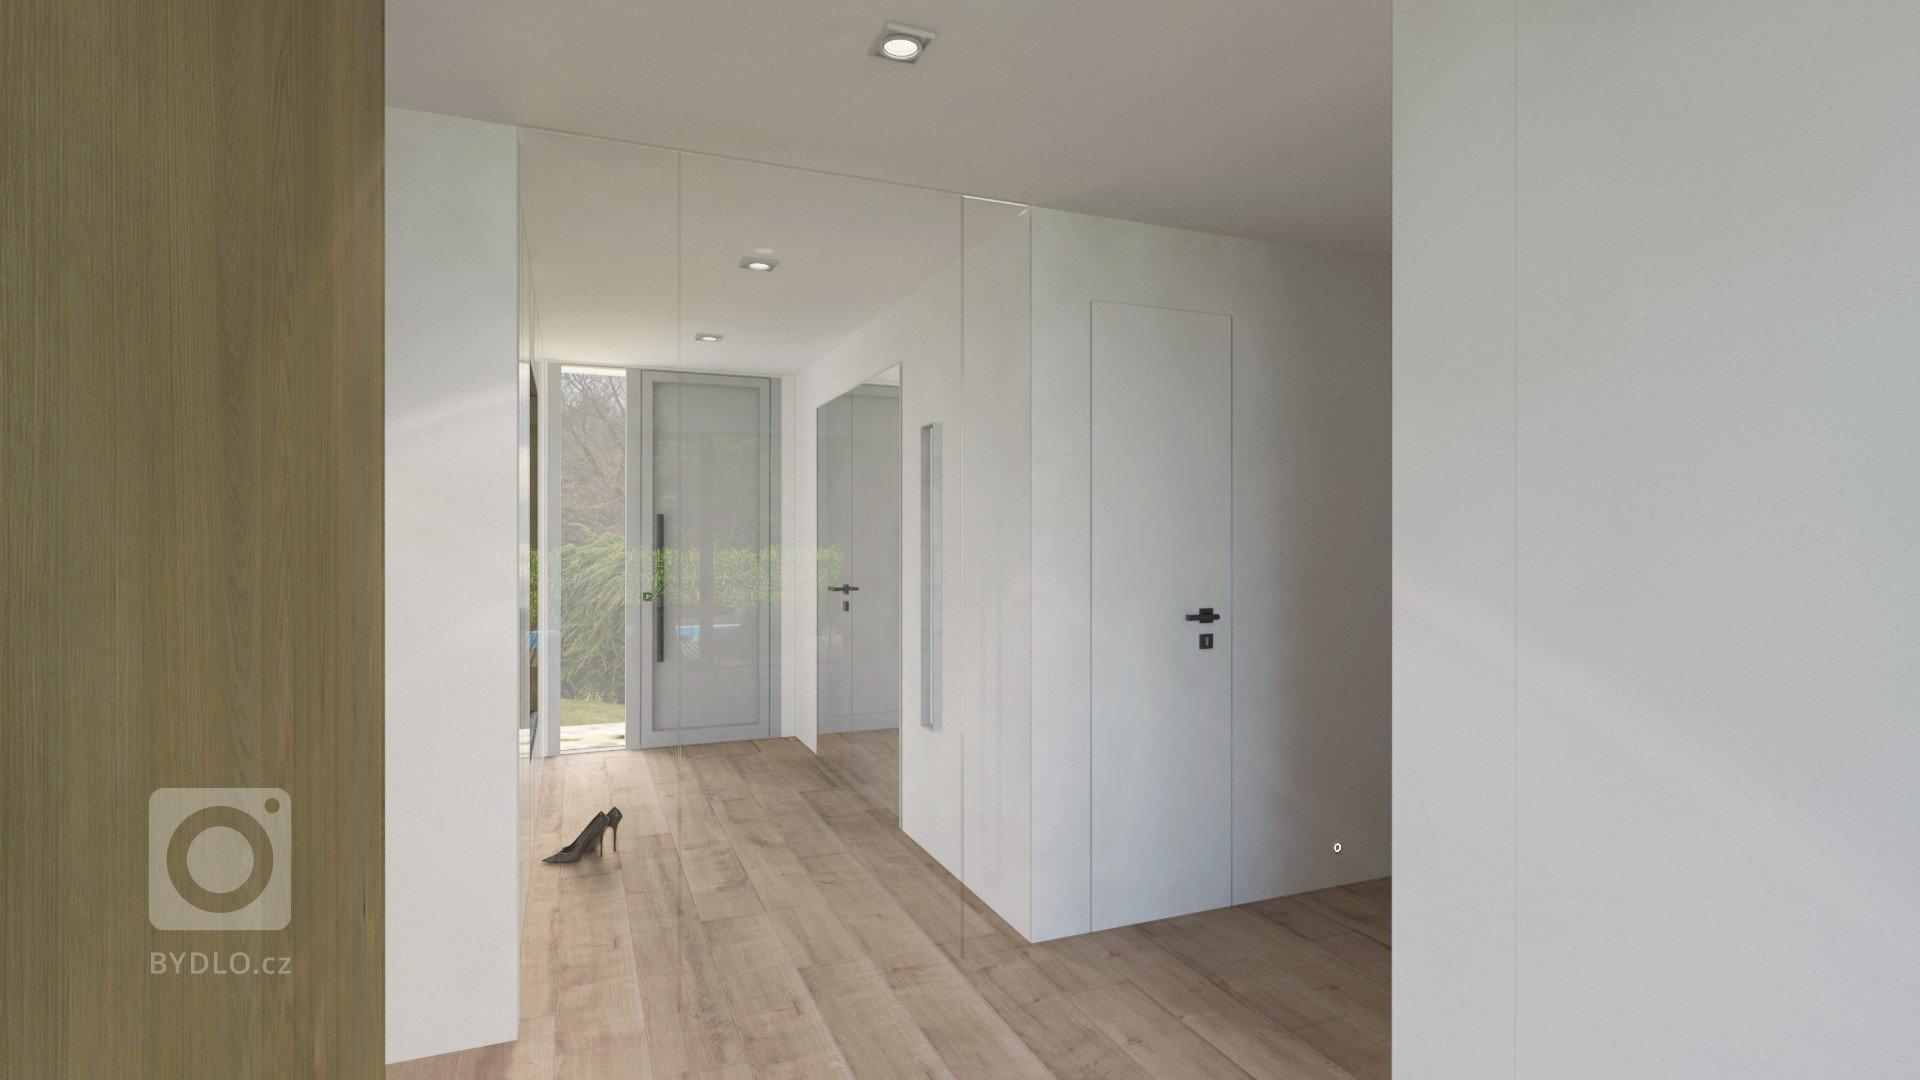 Veľkorysý priestor spoločenskej časti nám dovolil vytvoriť priestrannú kuchyňu s dizajnovým ostrovom, ktorým je čiastočne oddelená od obývacej časti. Biela na…